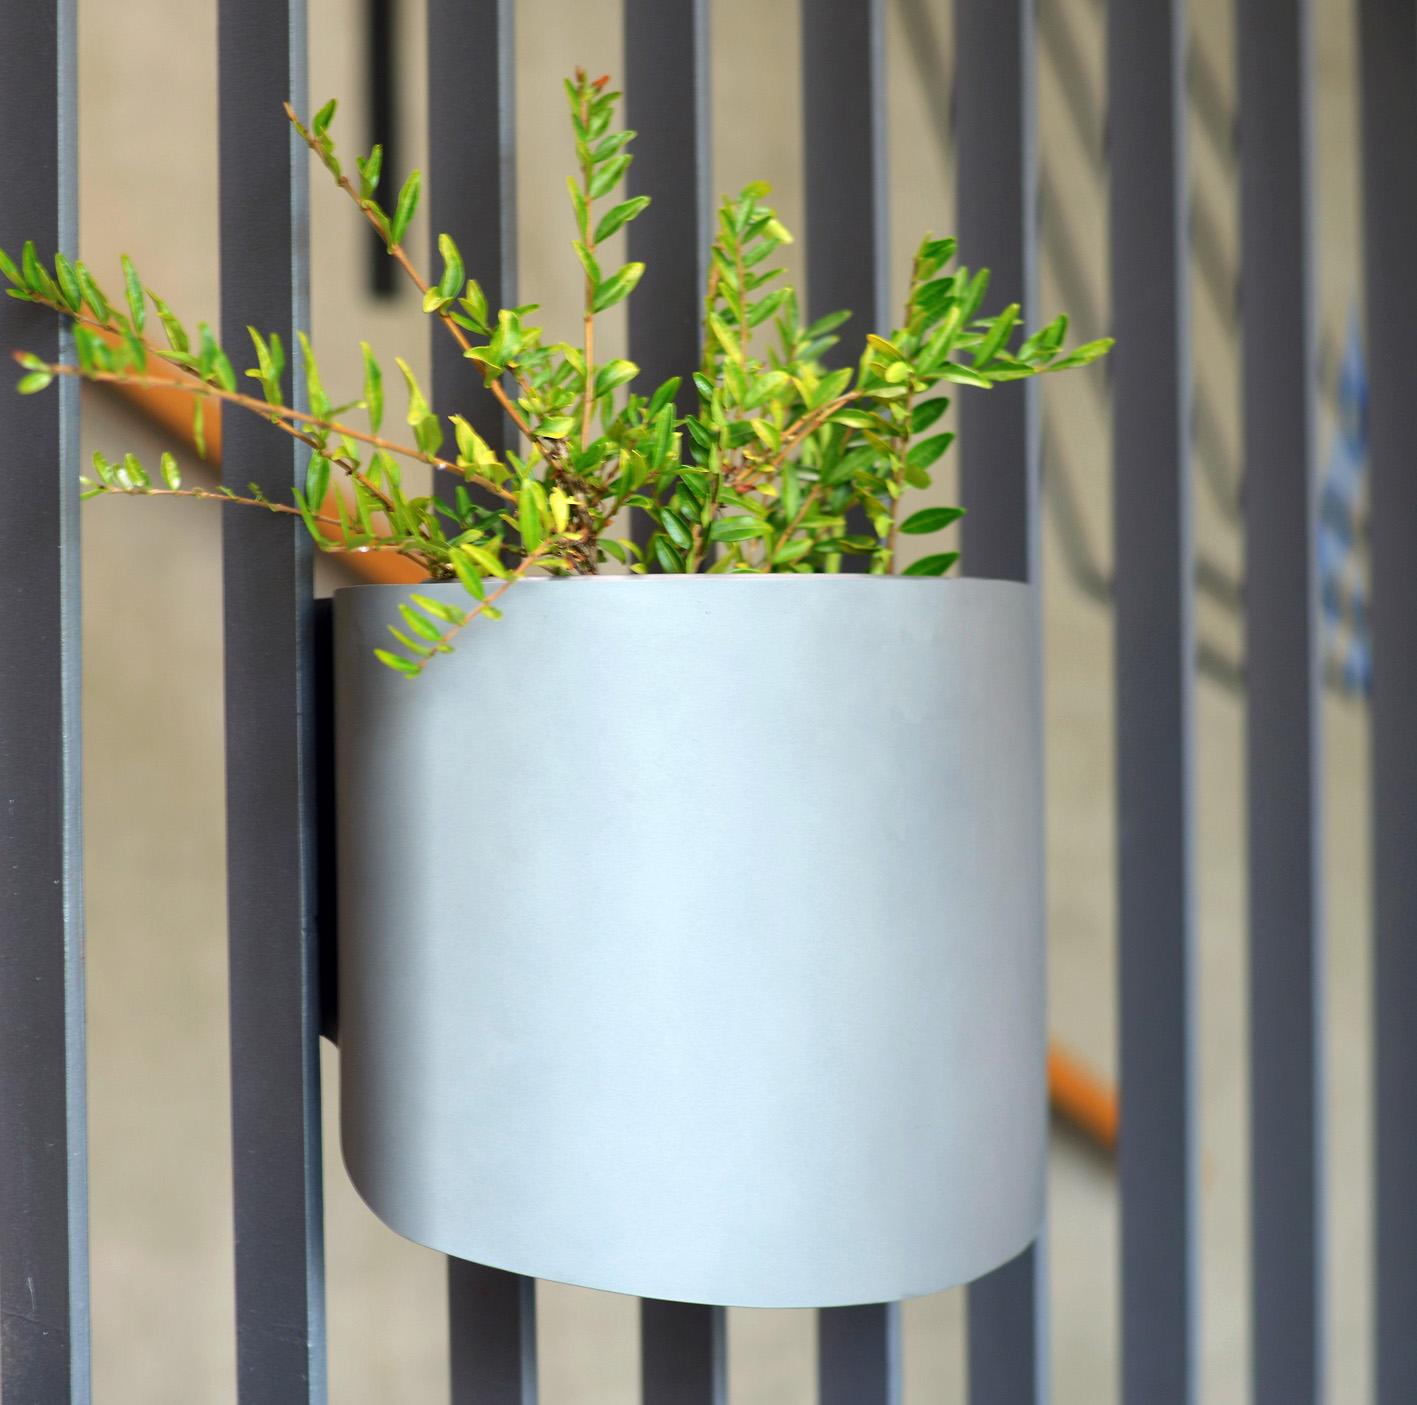 Pflanzencontainer von Carl Krämer, Foto: Zeichenakademie